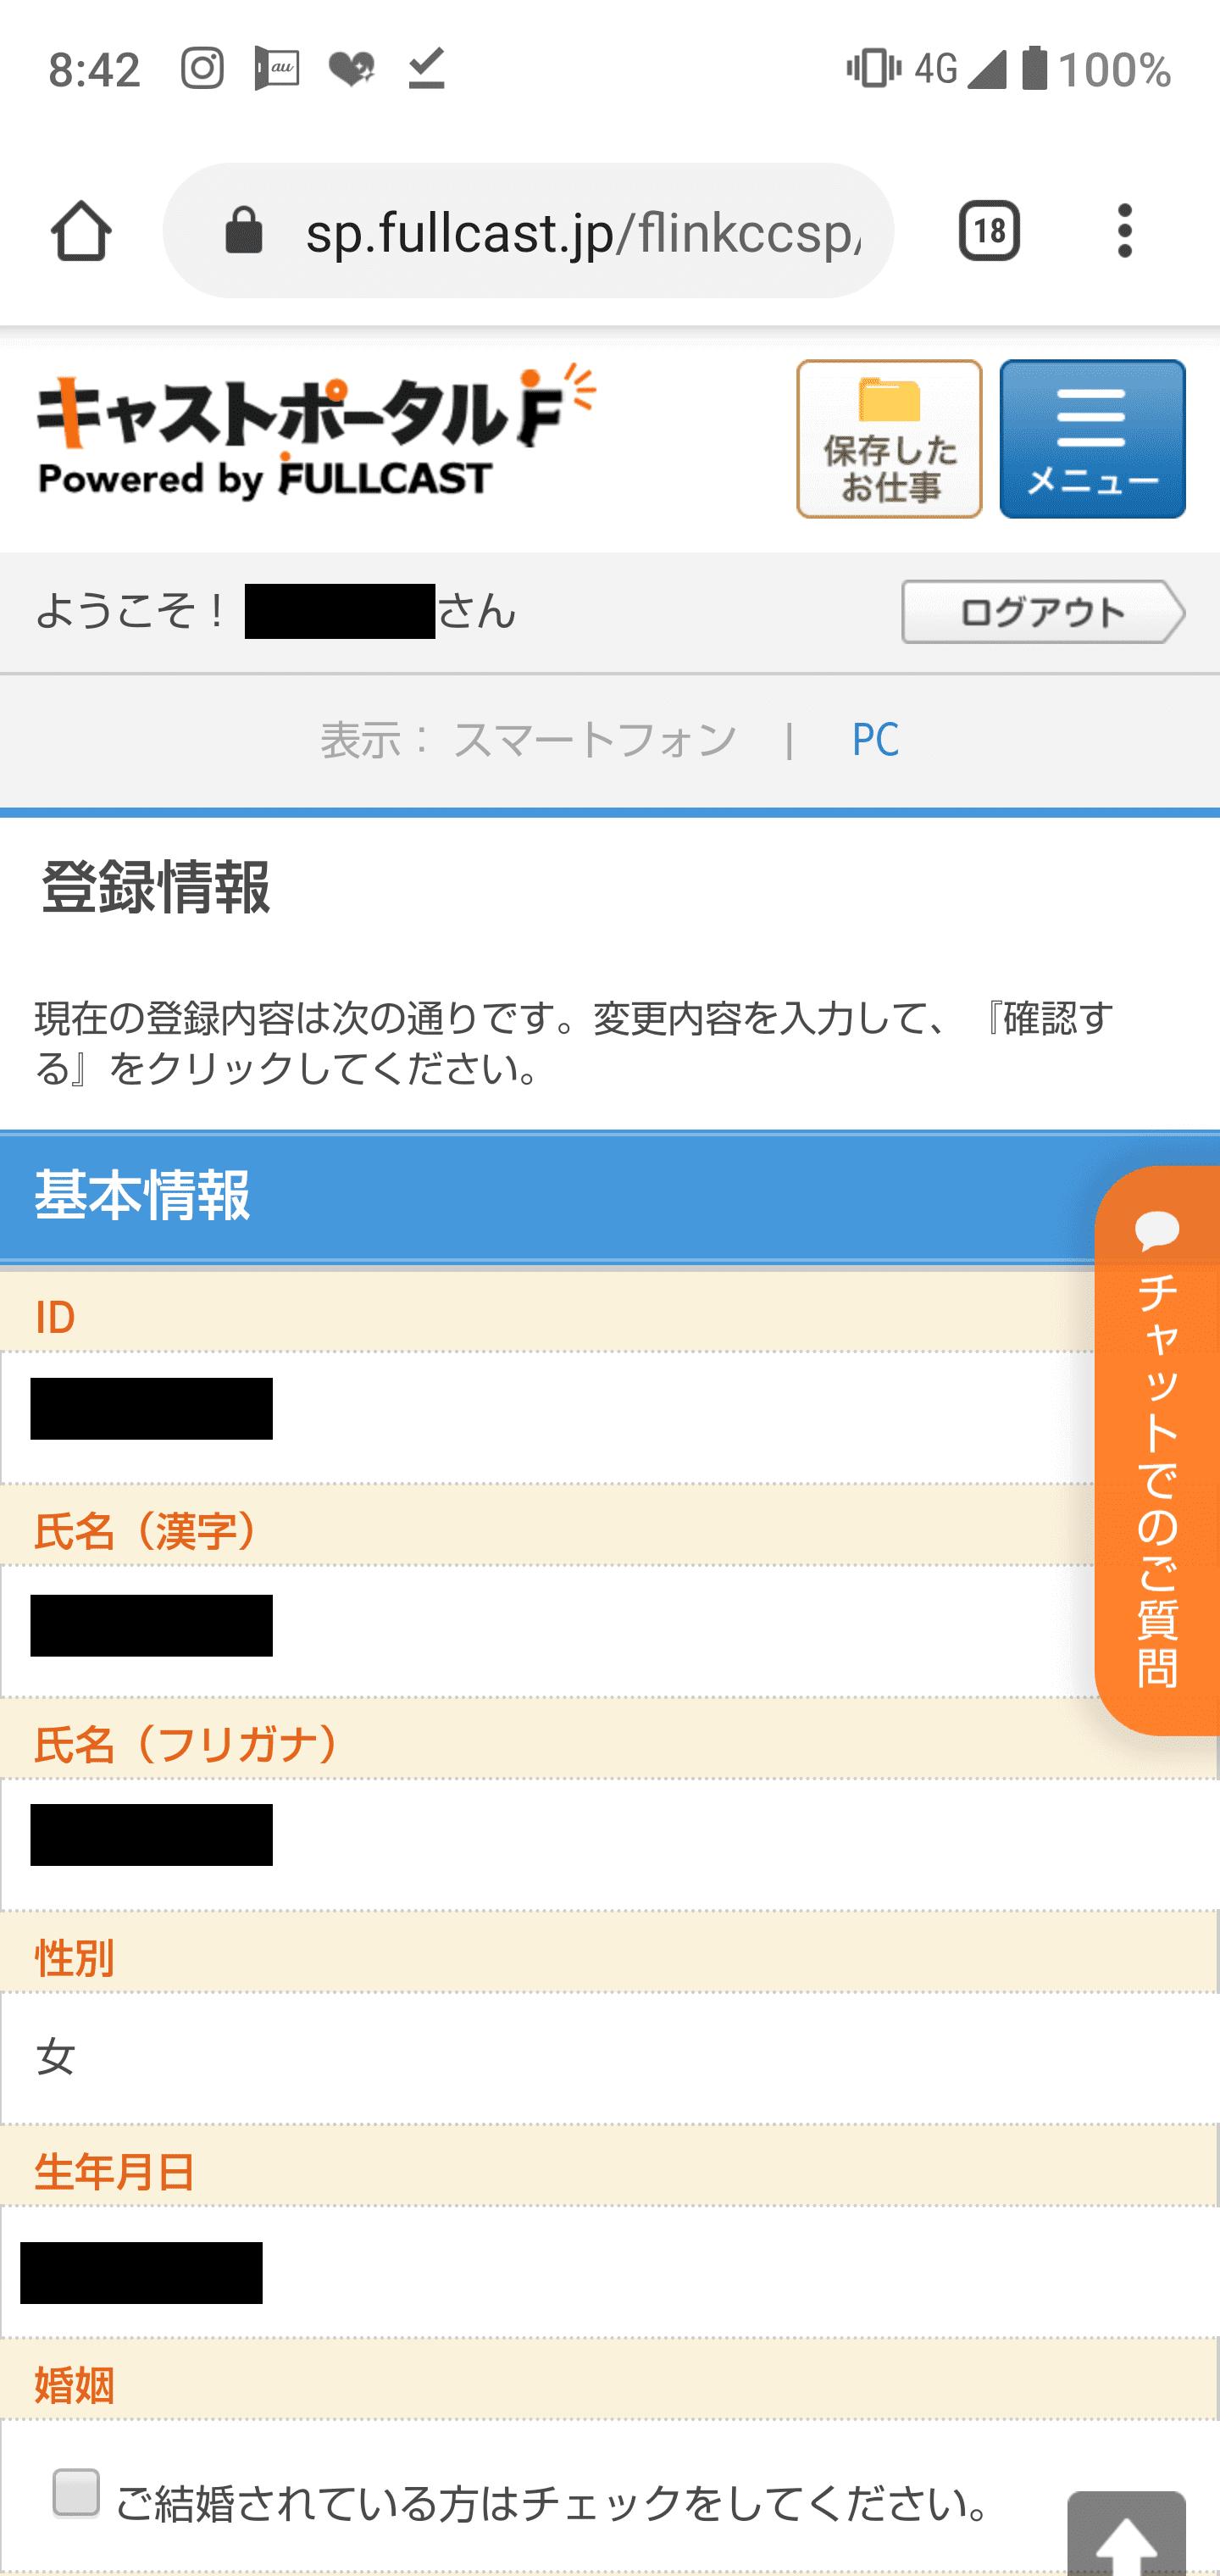 フルキャストWEB登録